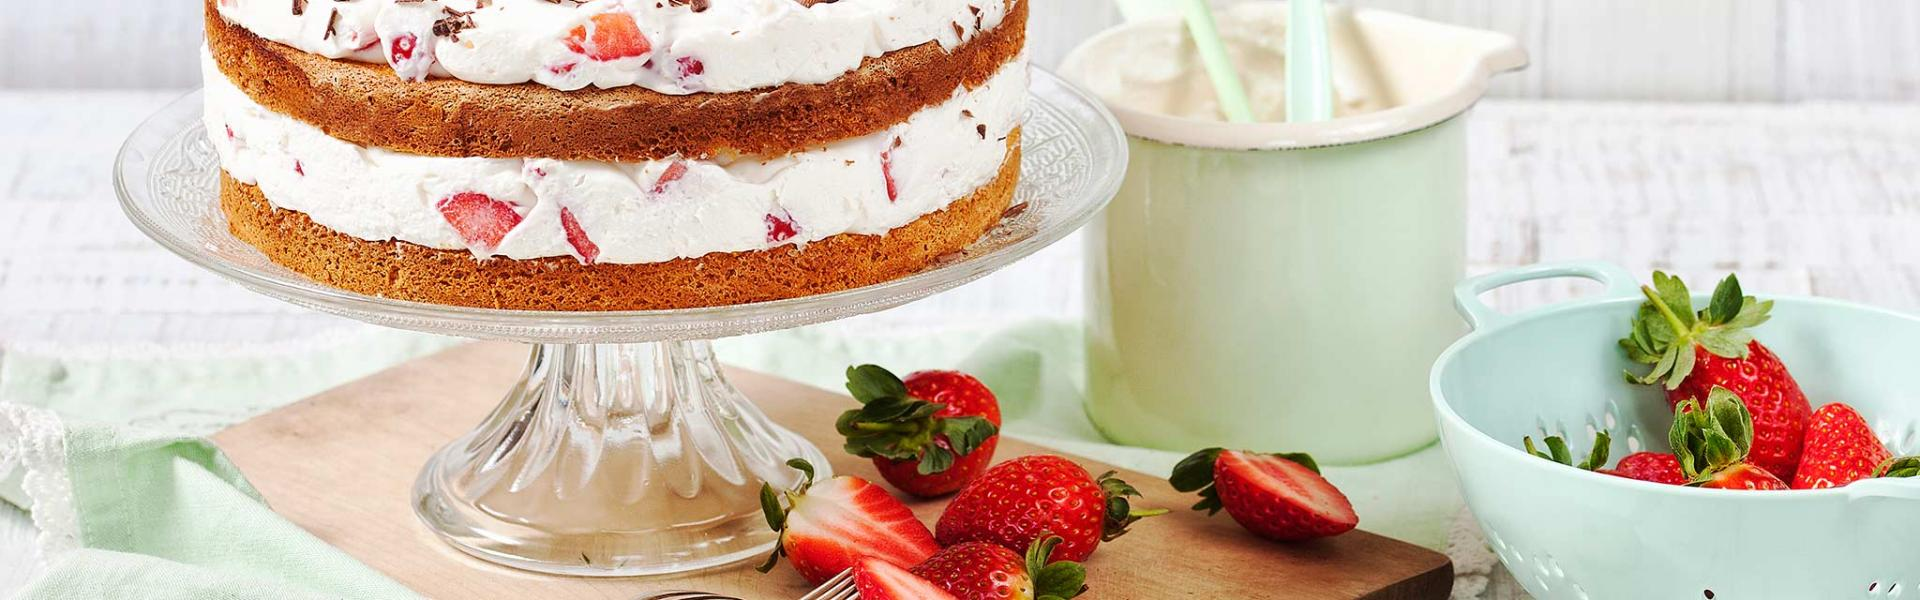 Erdbeer-Joghurt-Torte steht auf einer Etagere auf einem gedeckten Tisch.